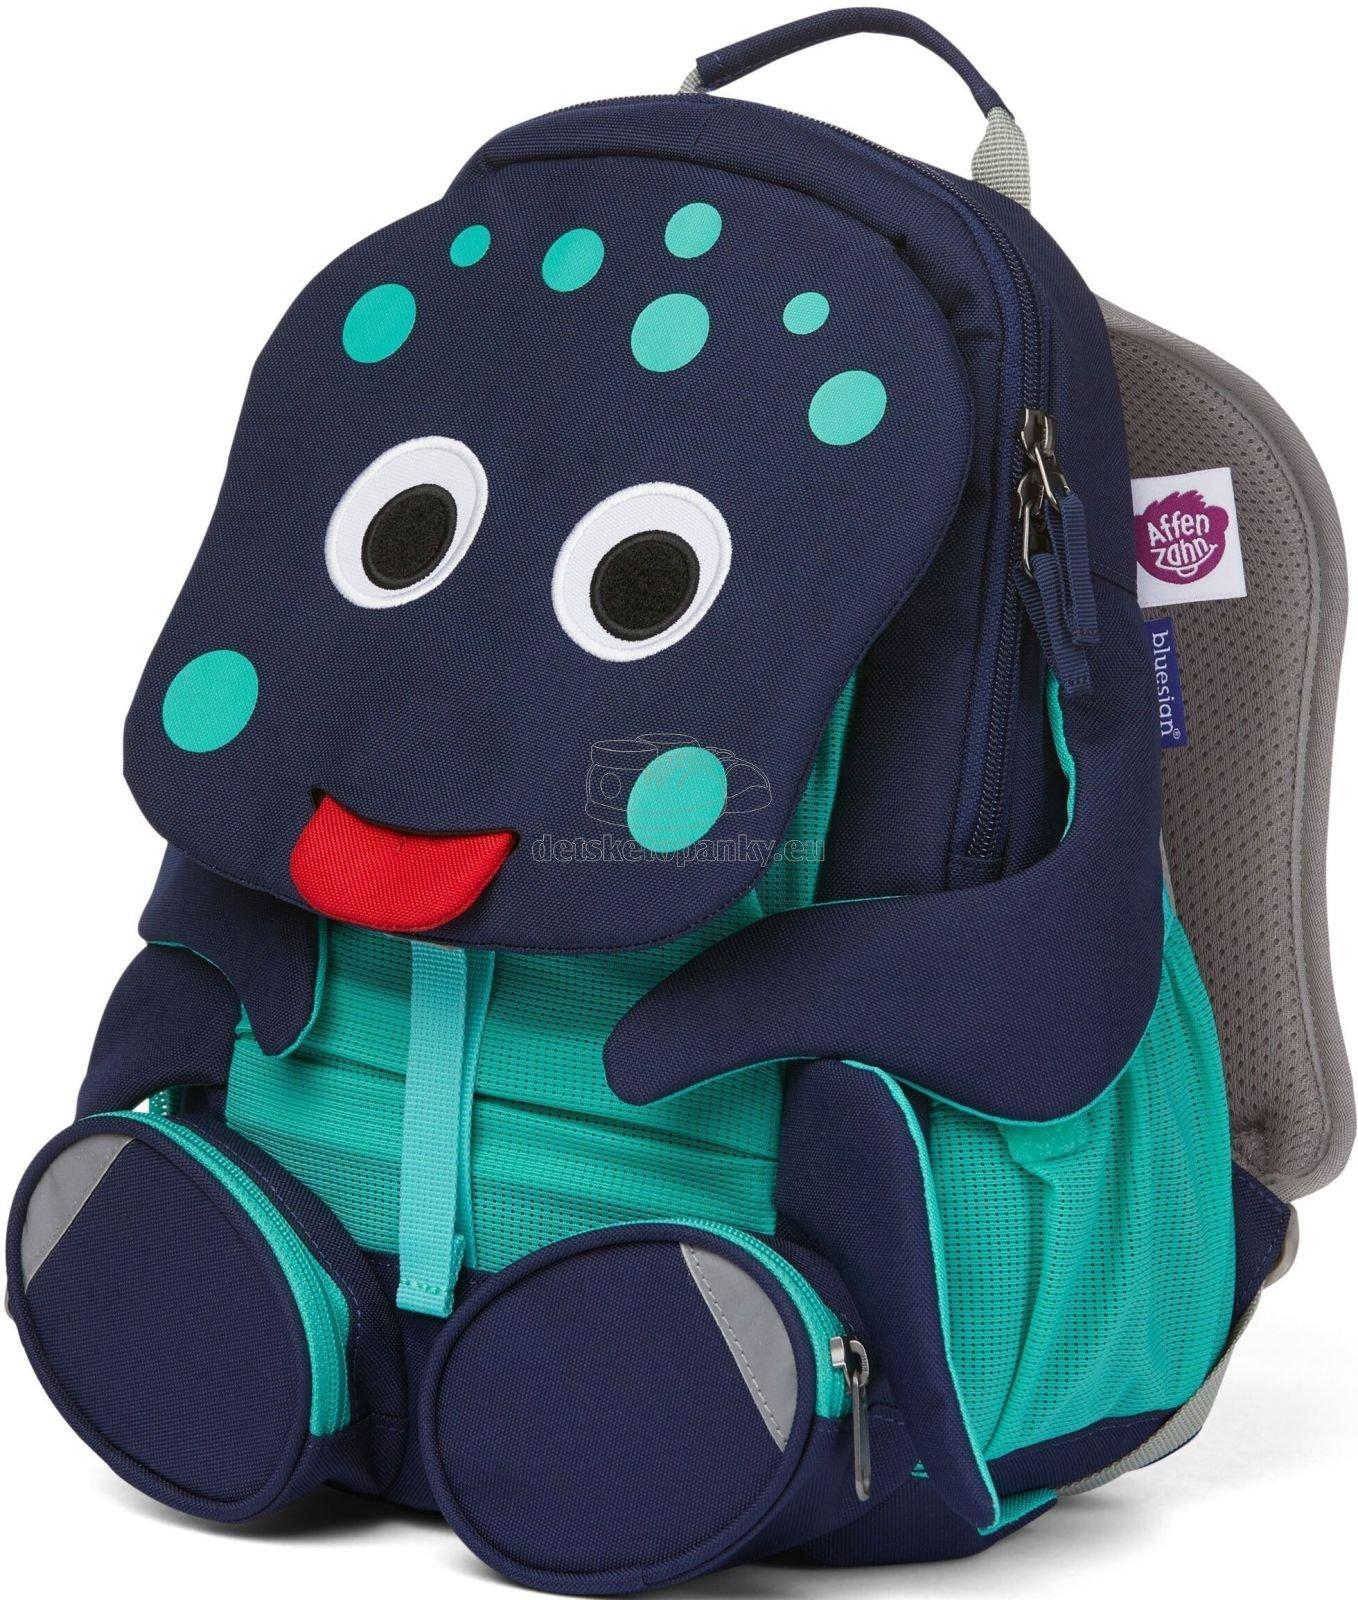 Detský batoh do škôlky Affenzahn Large Friend Octopus - blue